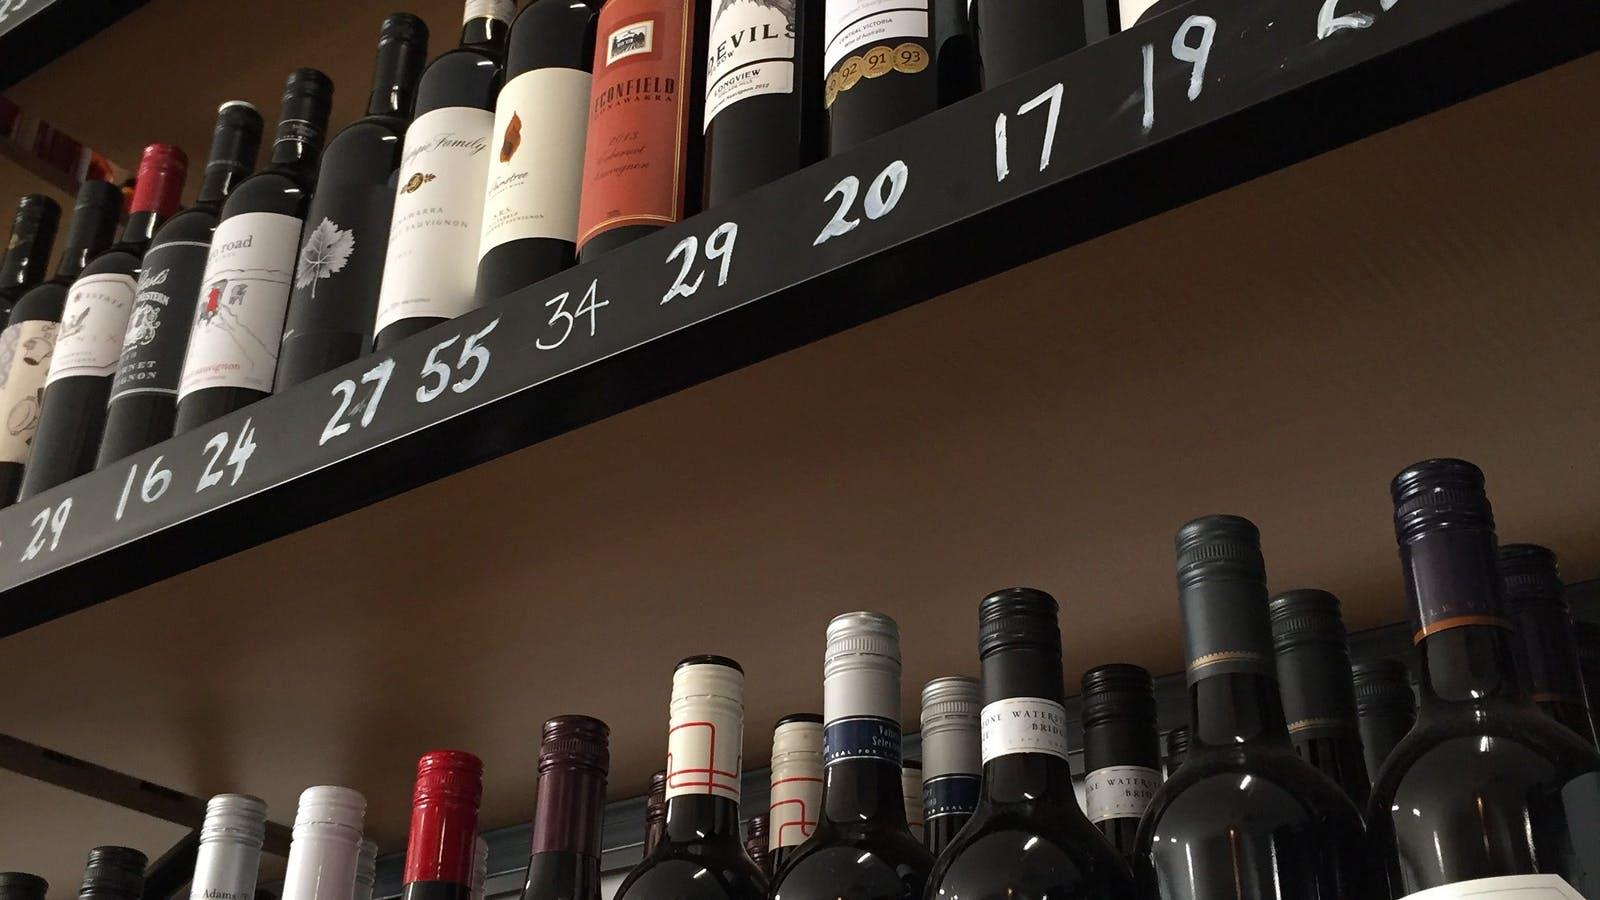 Barwon Heads Wine Store